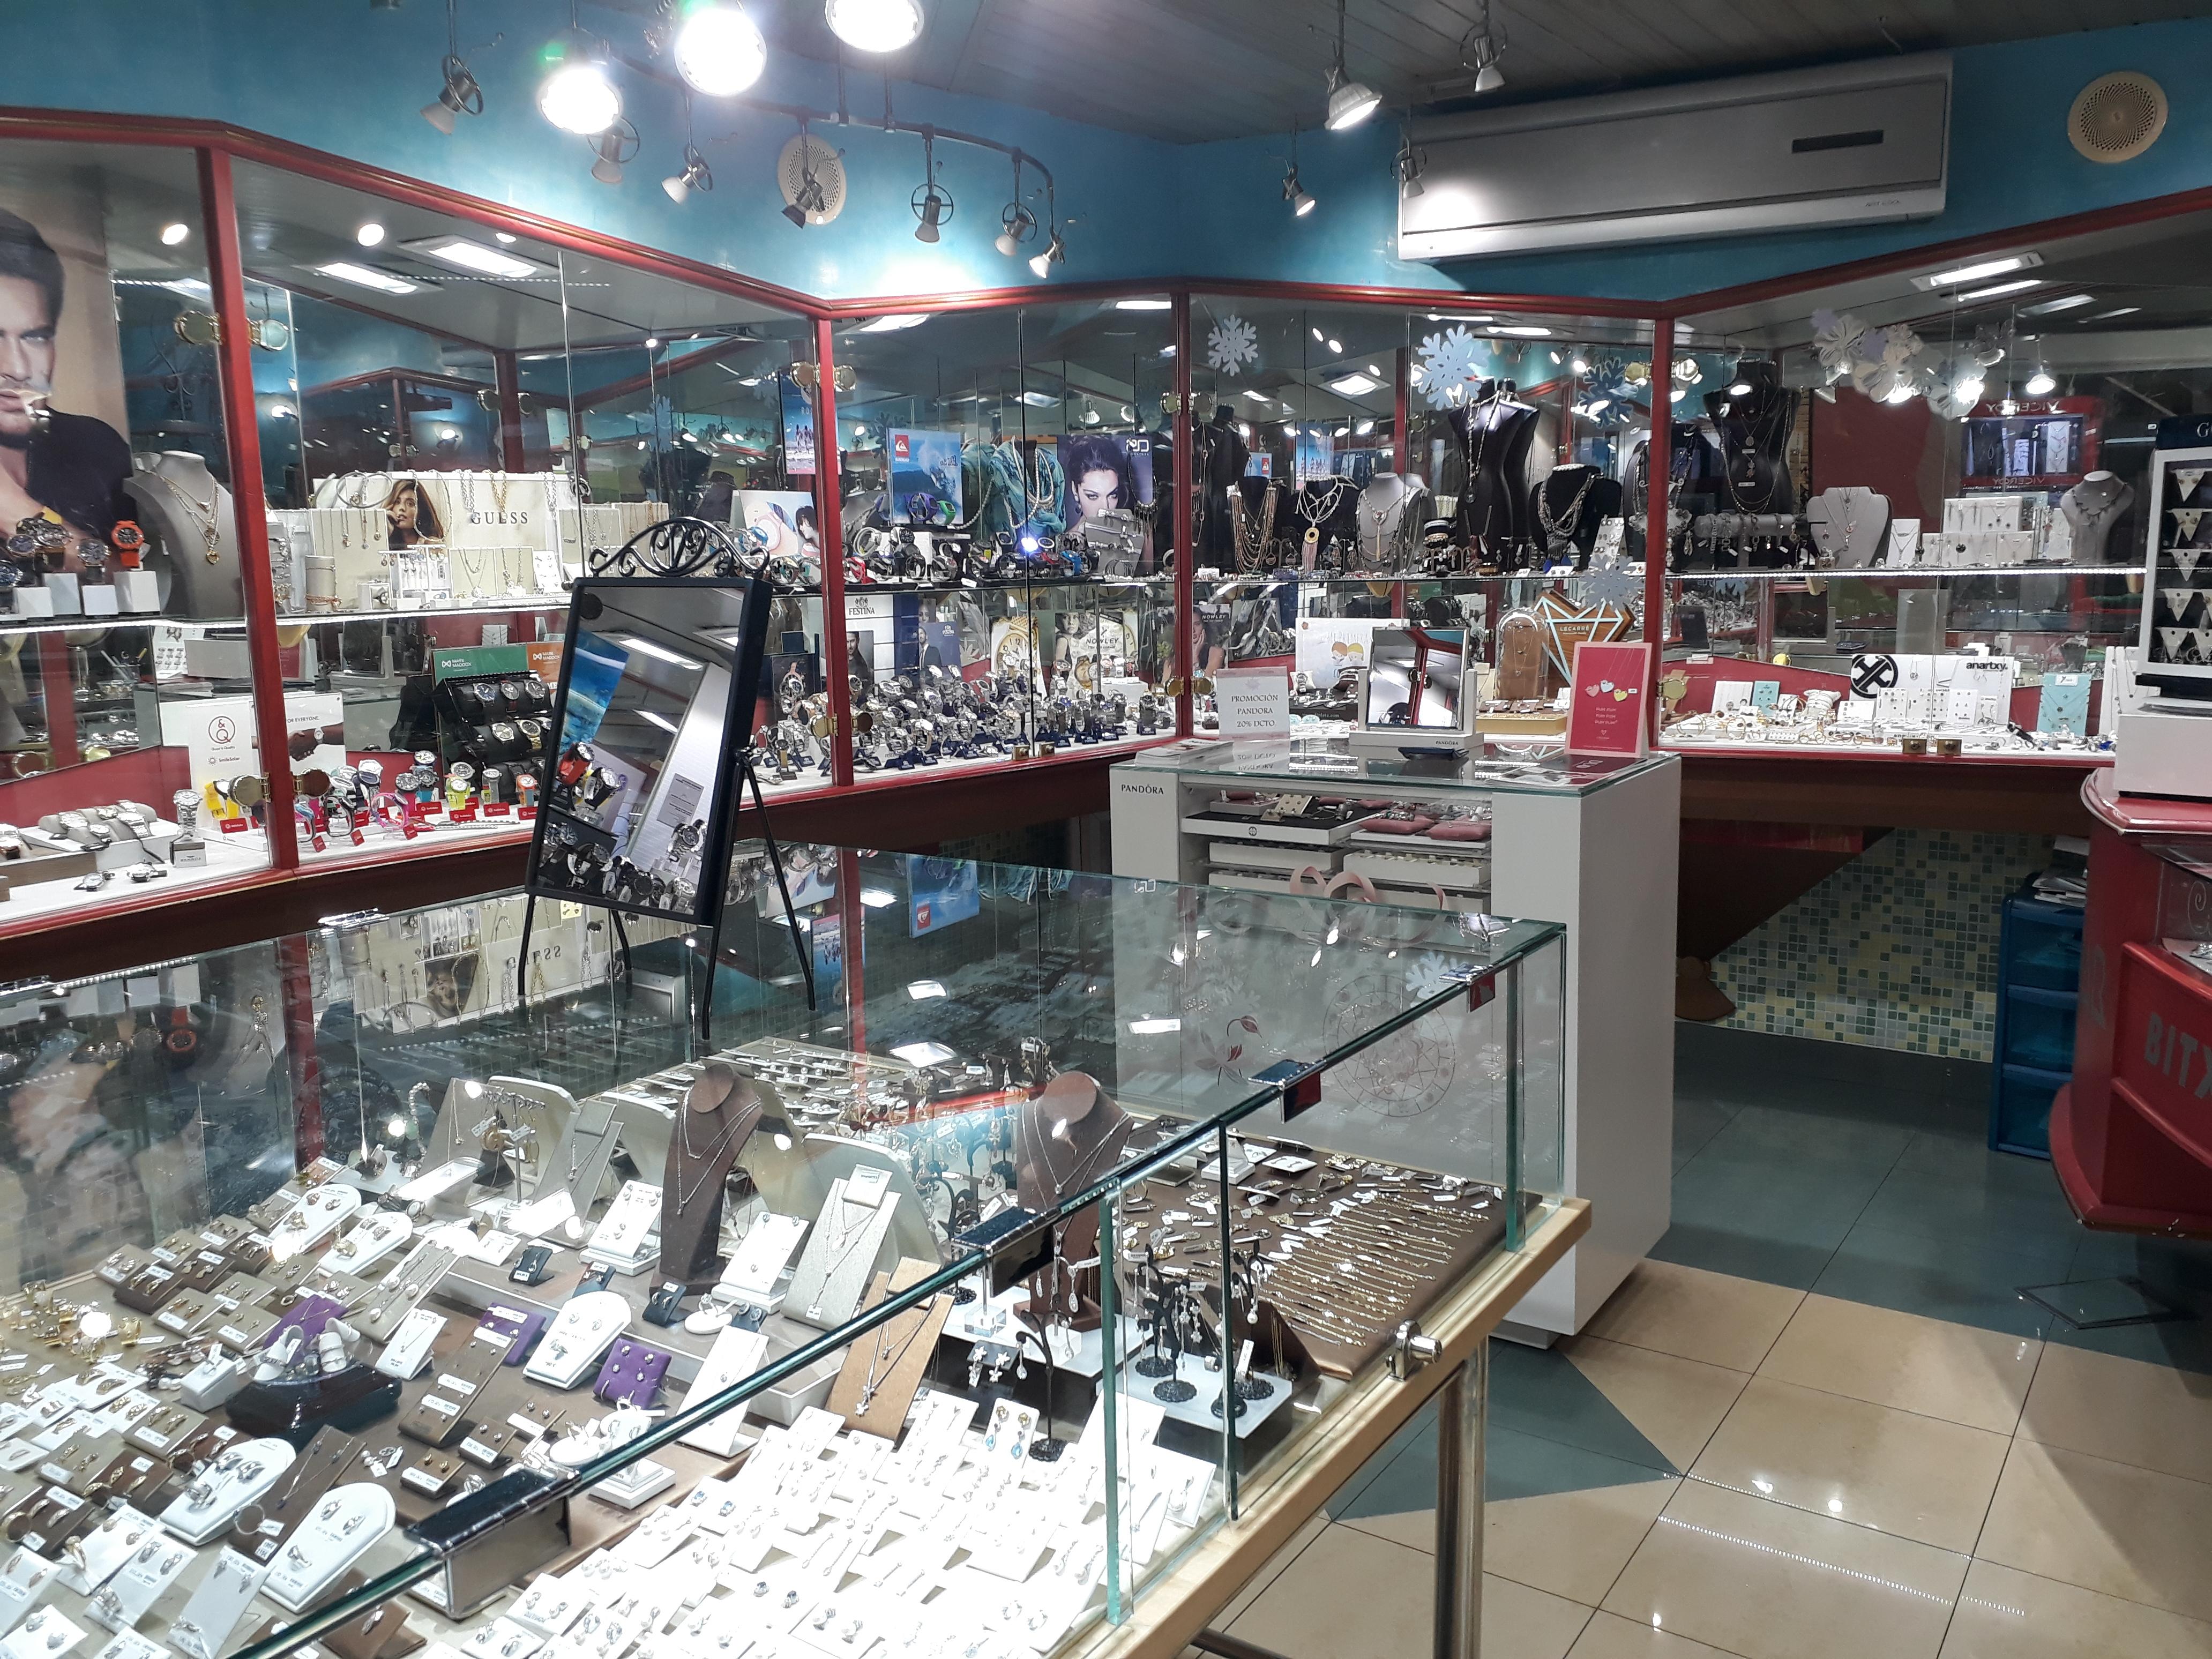 Joyas y relojes de calidad para todos los niveles adquisitivos